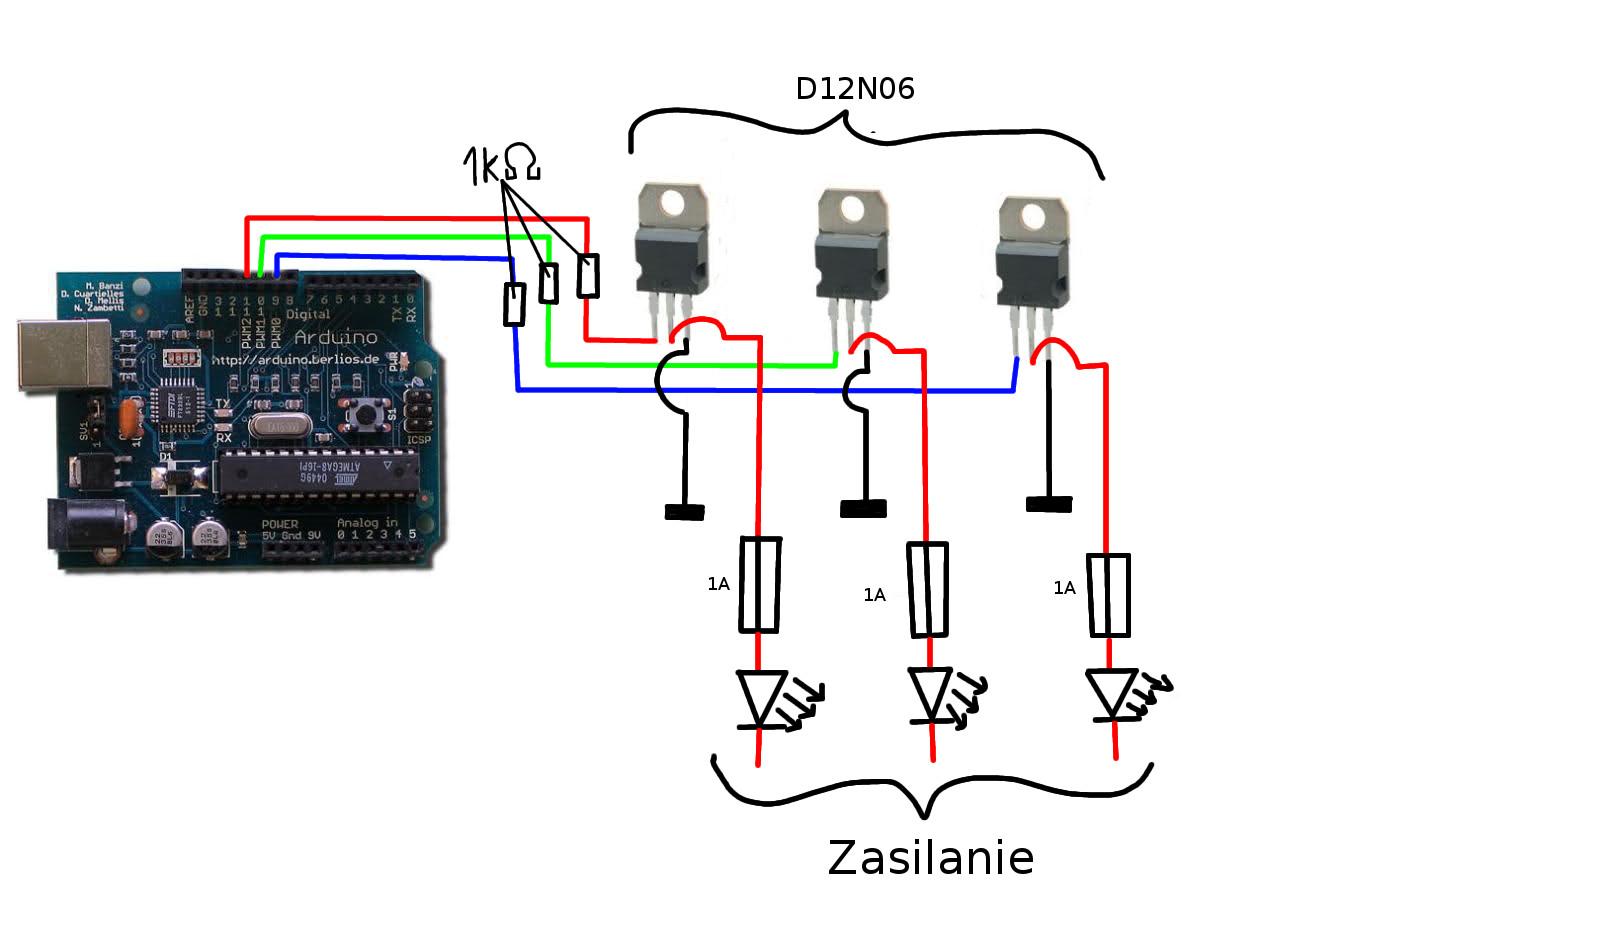 Sterowanie watową led za pomocą pwm z arduino